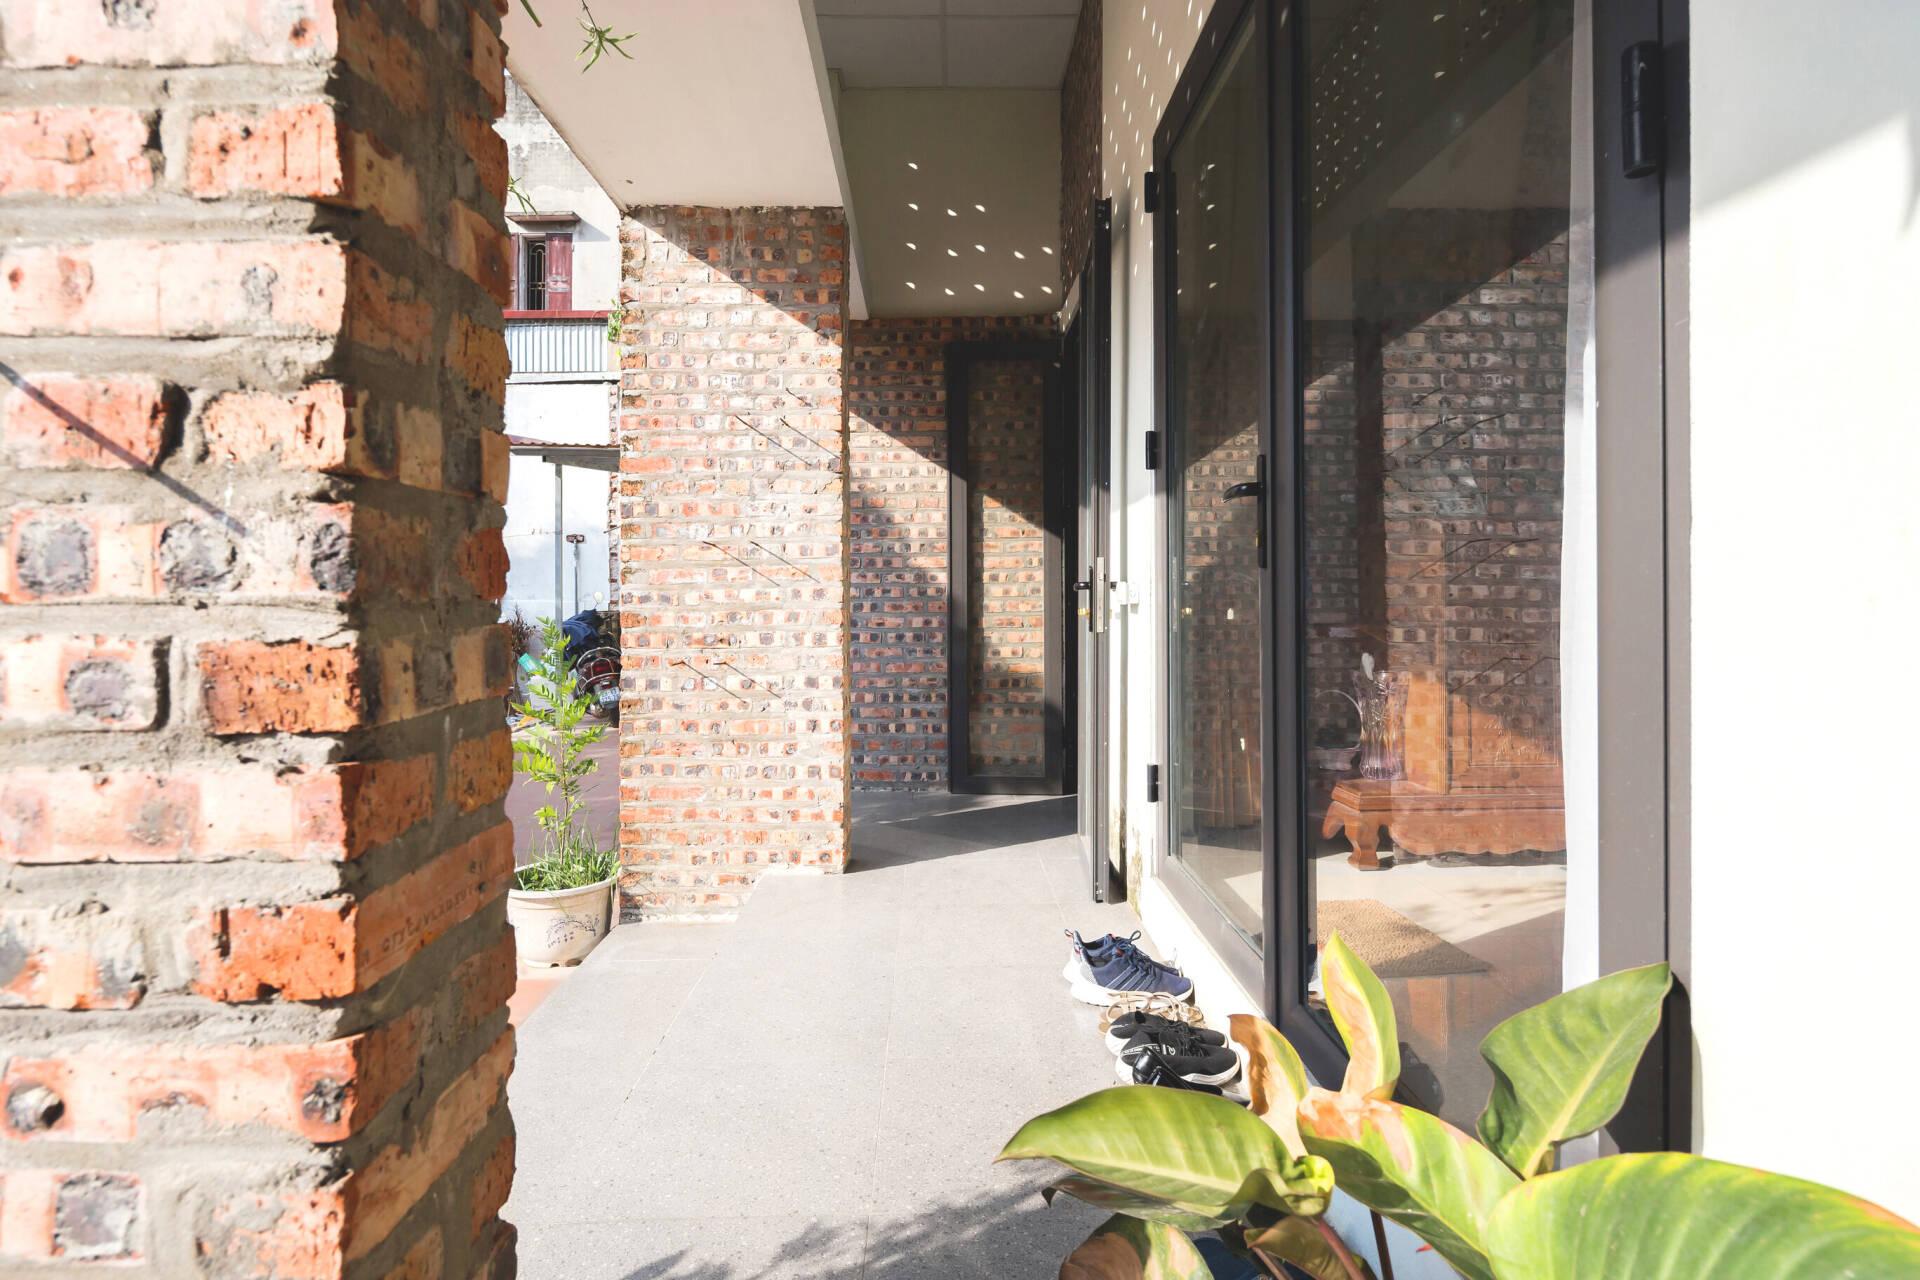 Nhóm KTS quyết định giữ lại những mảng tường trần thô mộc từ hiện trạng công trình, nhằm tối ưu chi phí cải tạo cho gia chủ